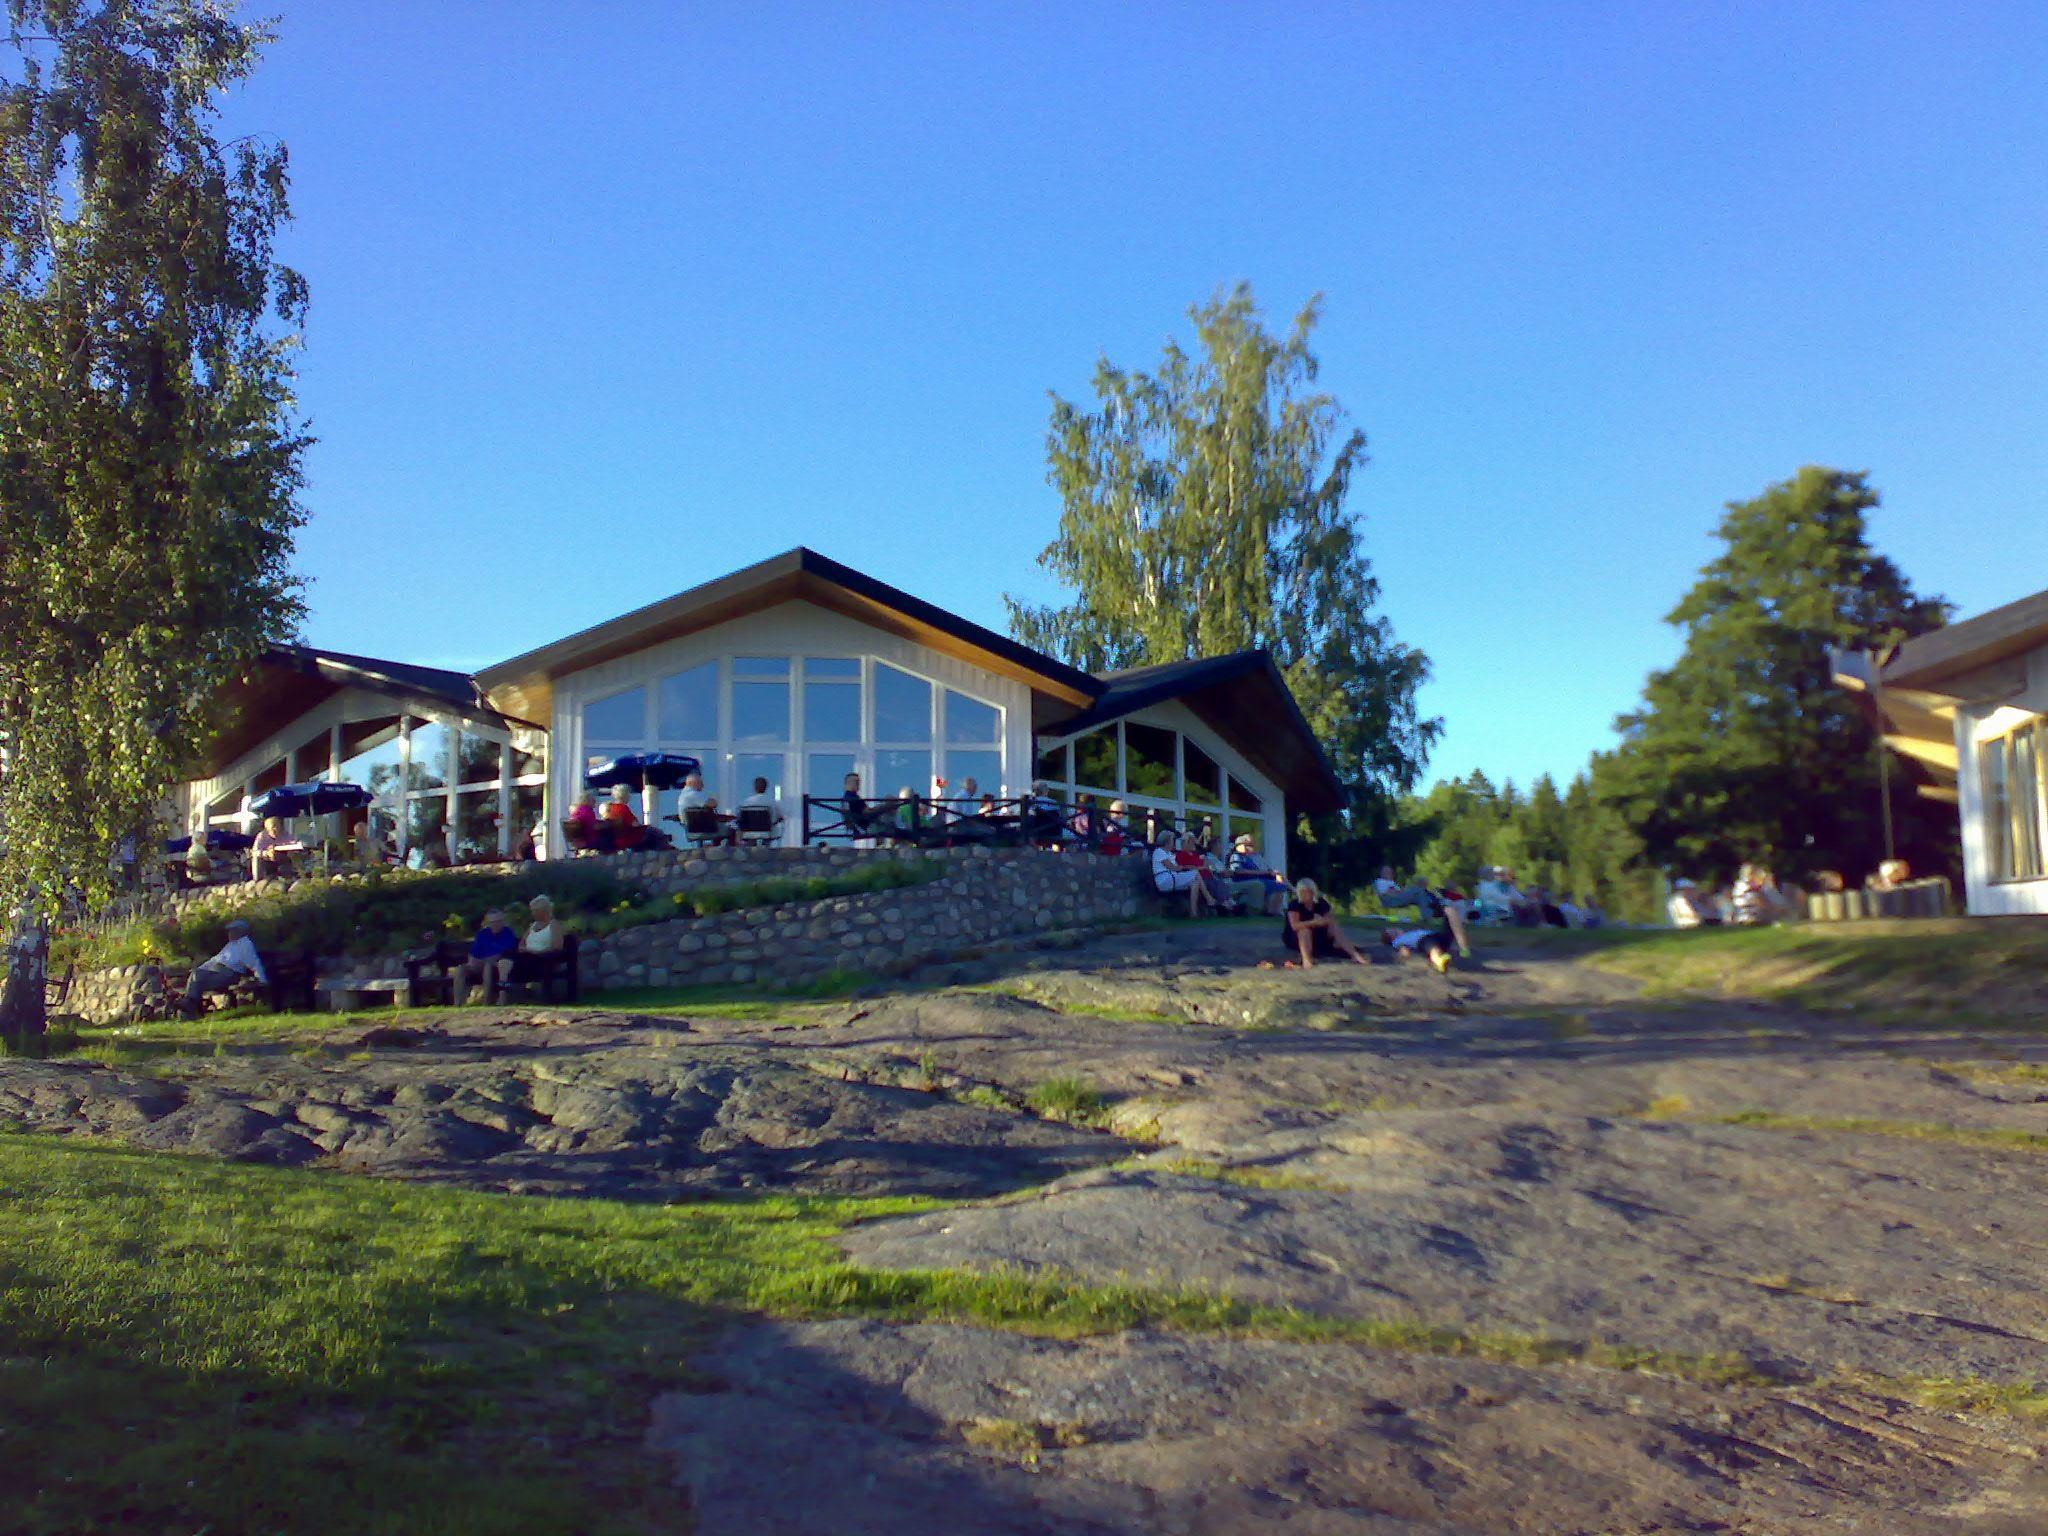 Rundtursförslag Djursdala - Södra Vi